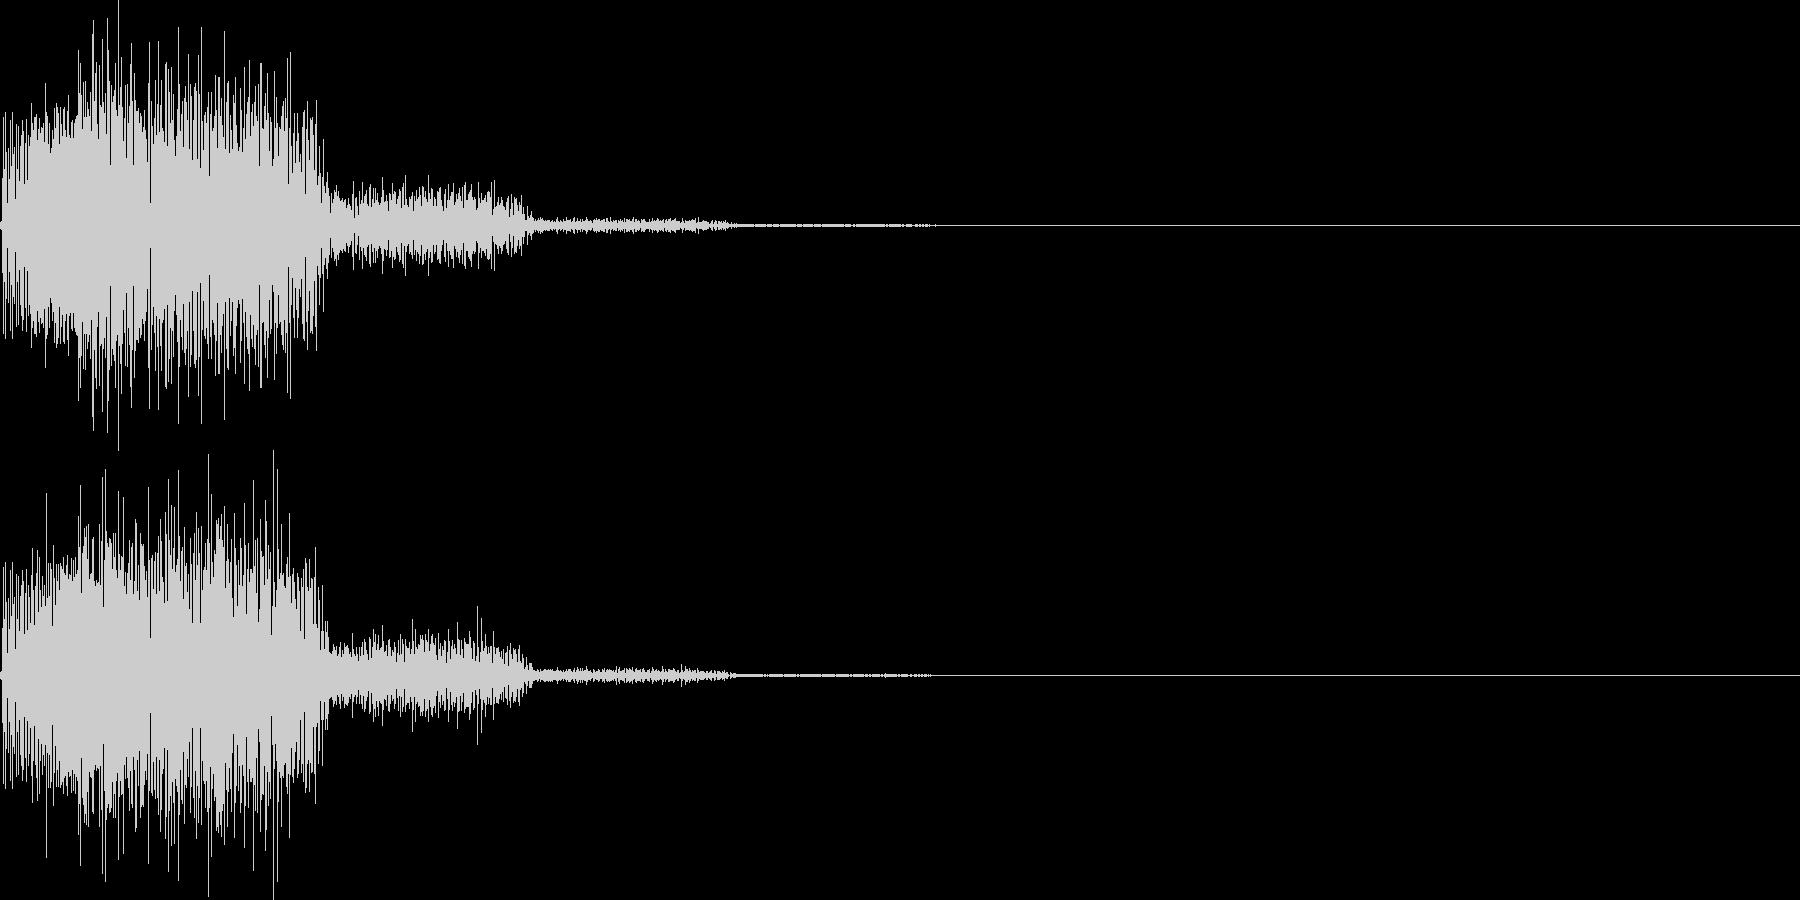 システム音42_シンセYKの未再生の波形